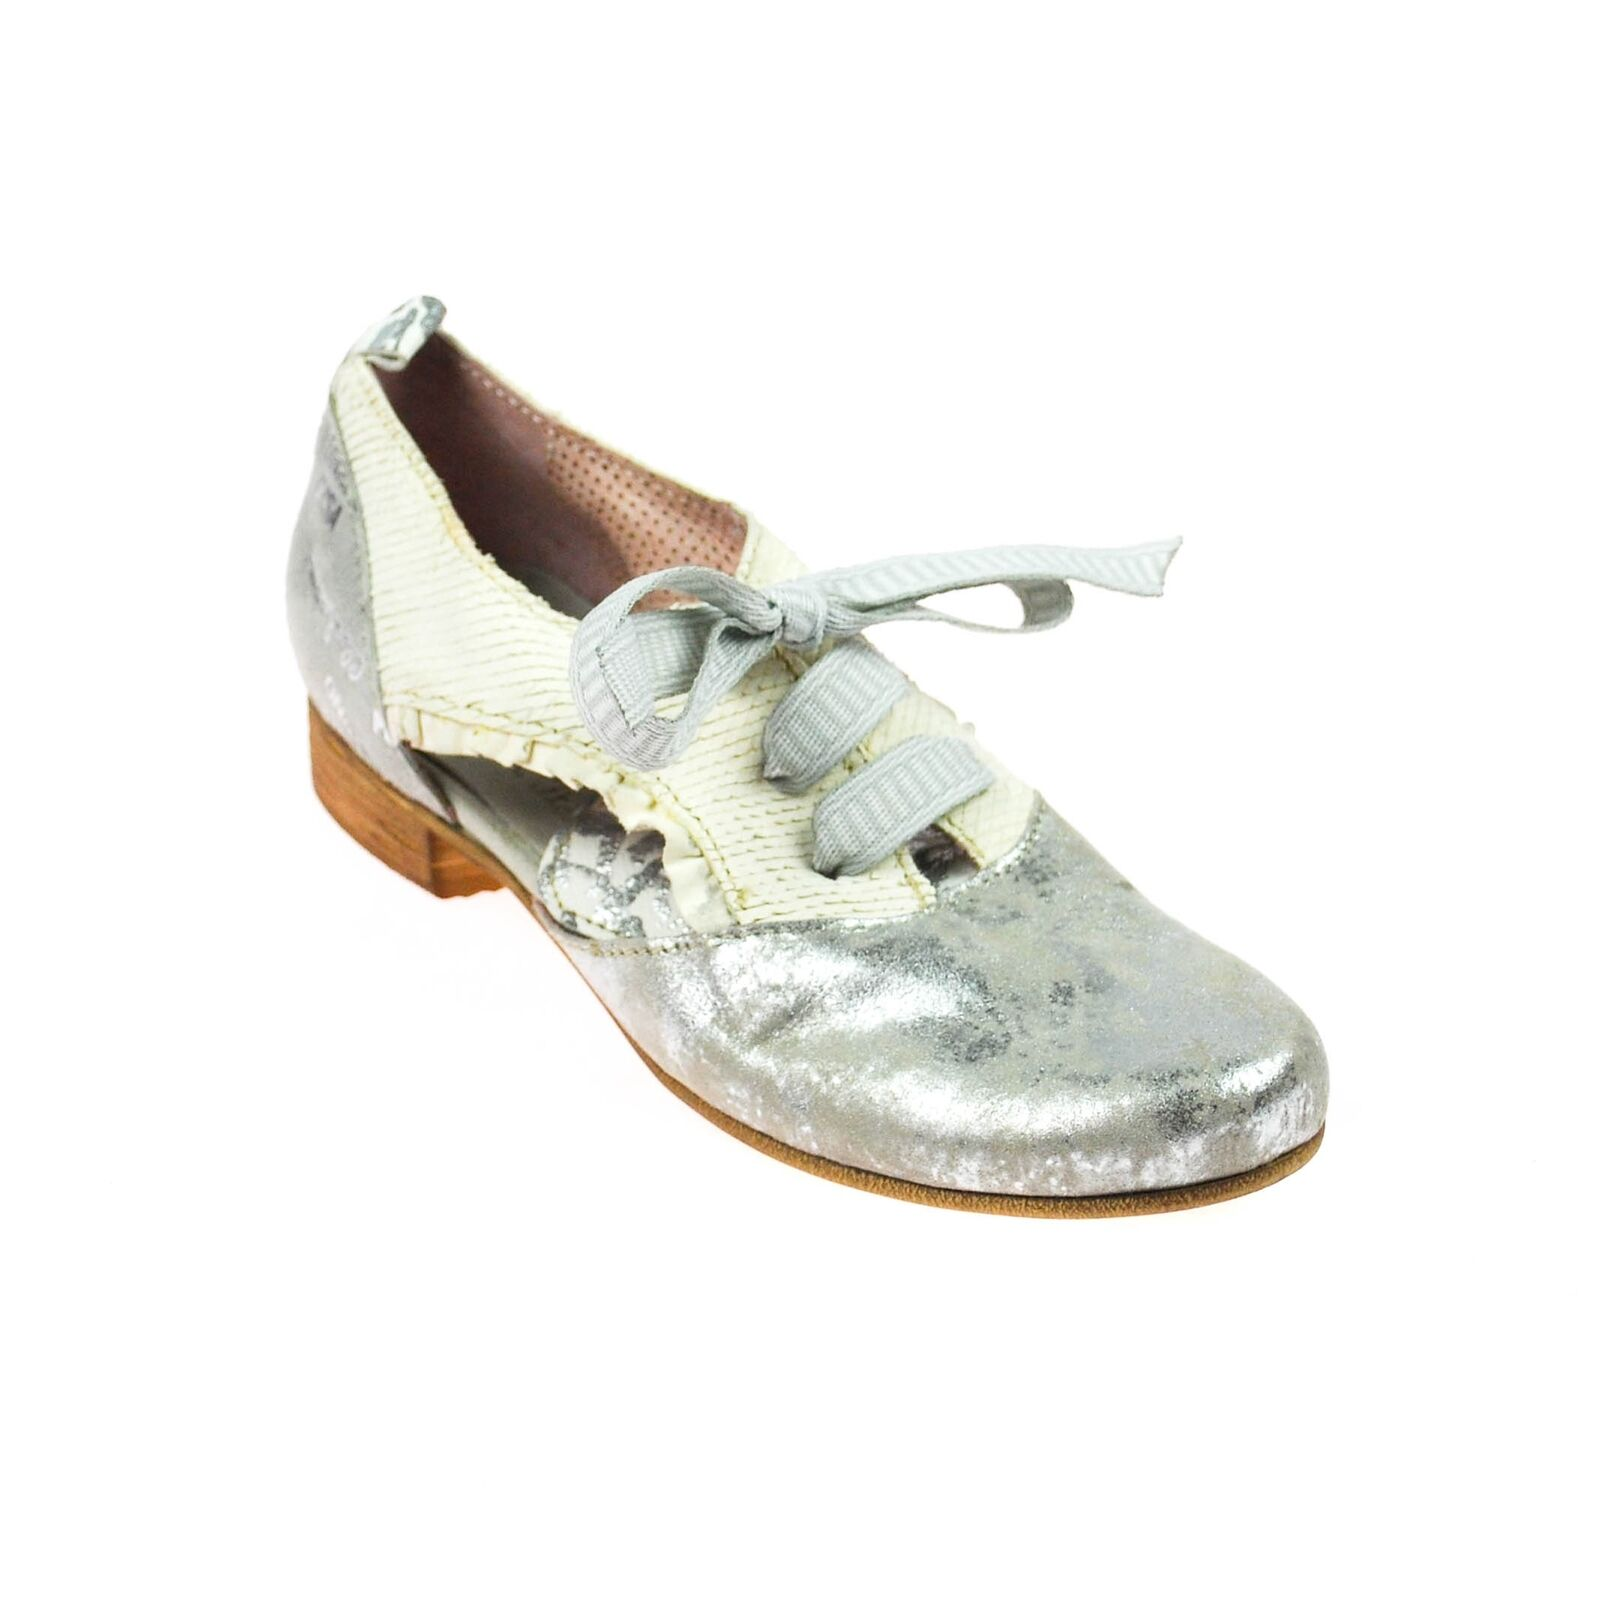 Charme femmes chaussures Basses ouverte cuir blanc gris argenté multiCouleure Taille 37